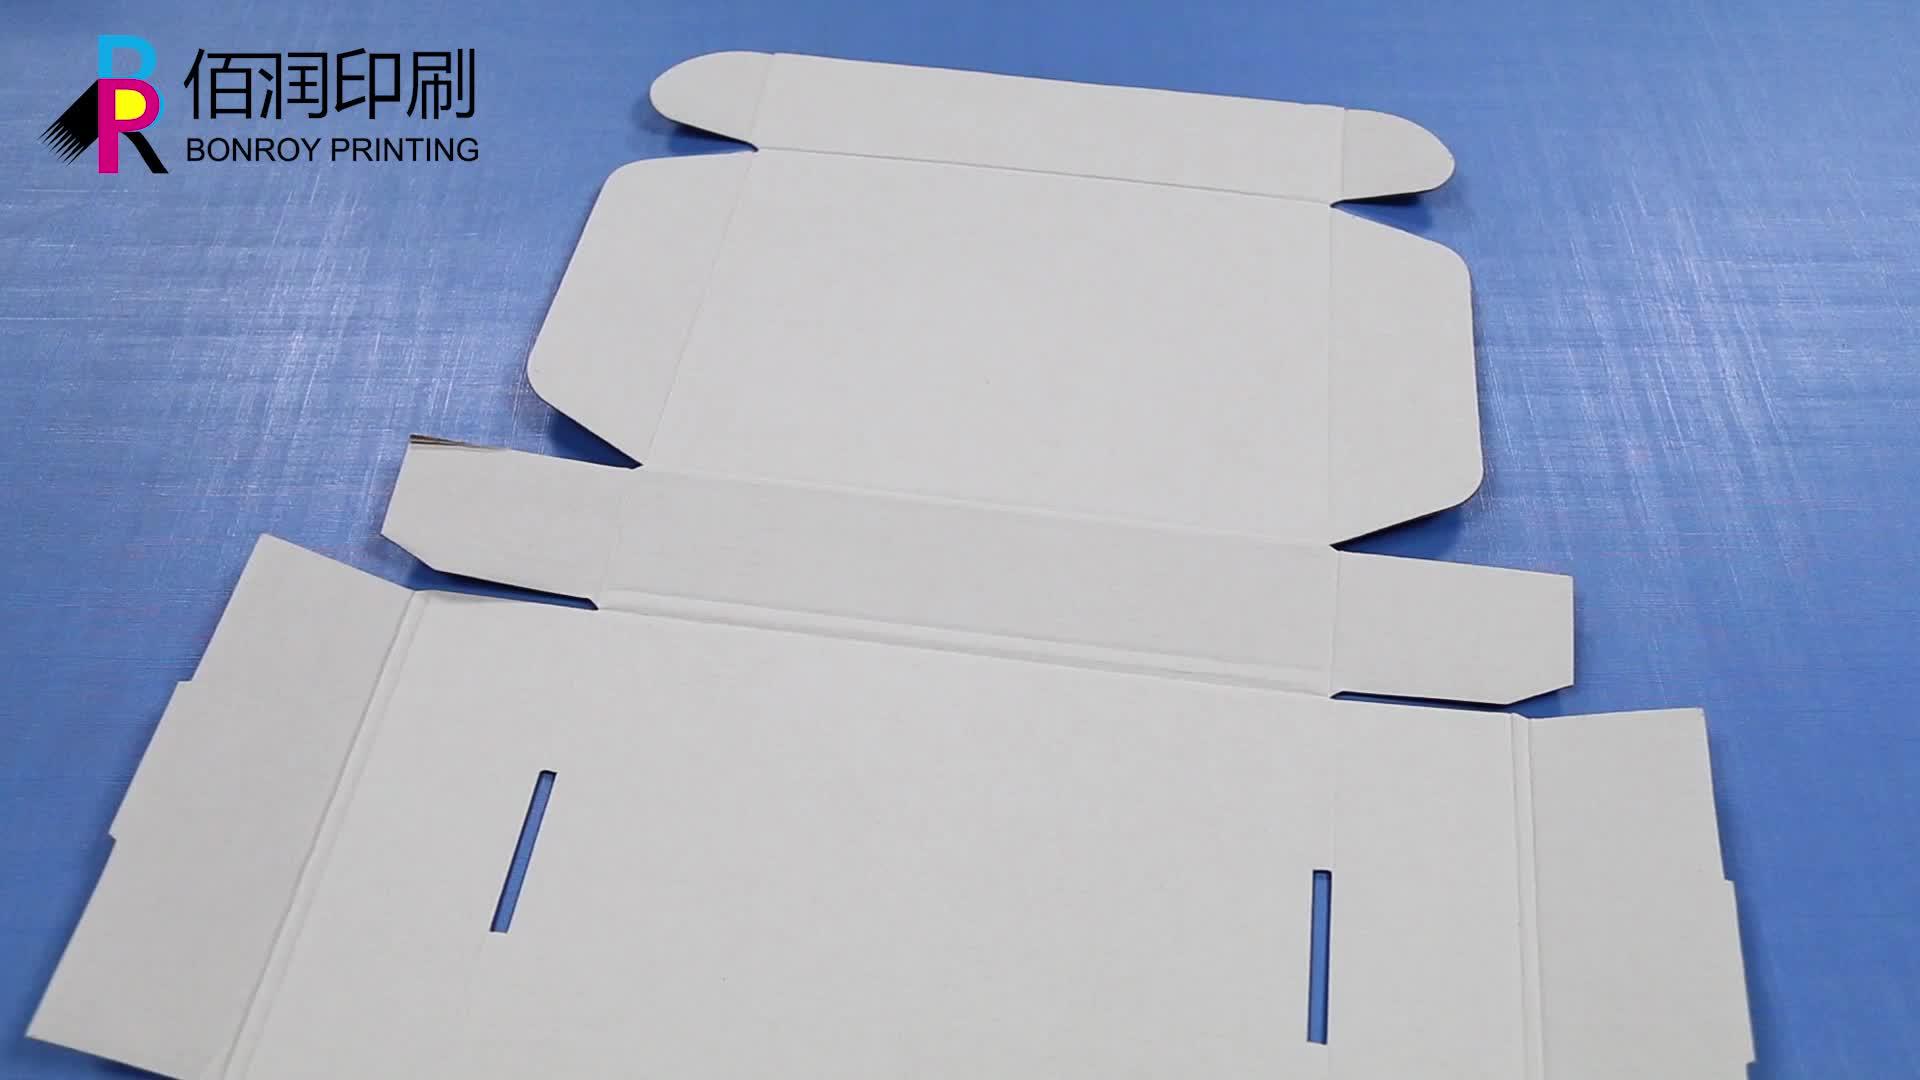 แฟนซีพิมพ์ลูกฟูกกล่องสำหรับ Work Home บรรจุผลิตภัณฑ์